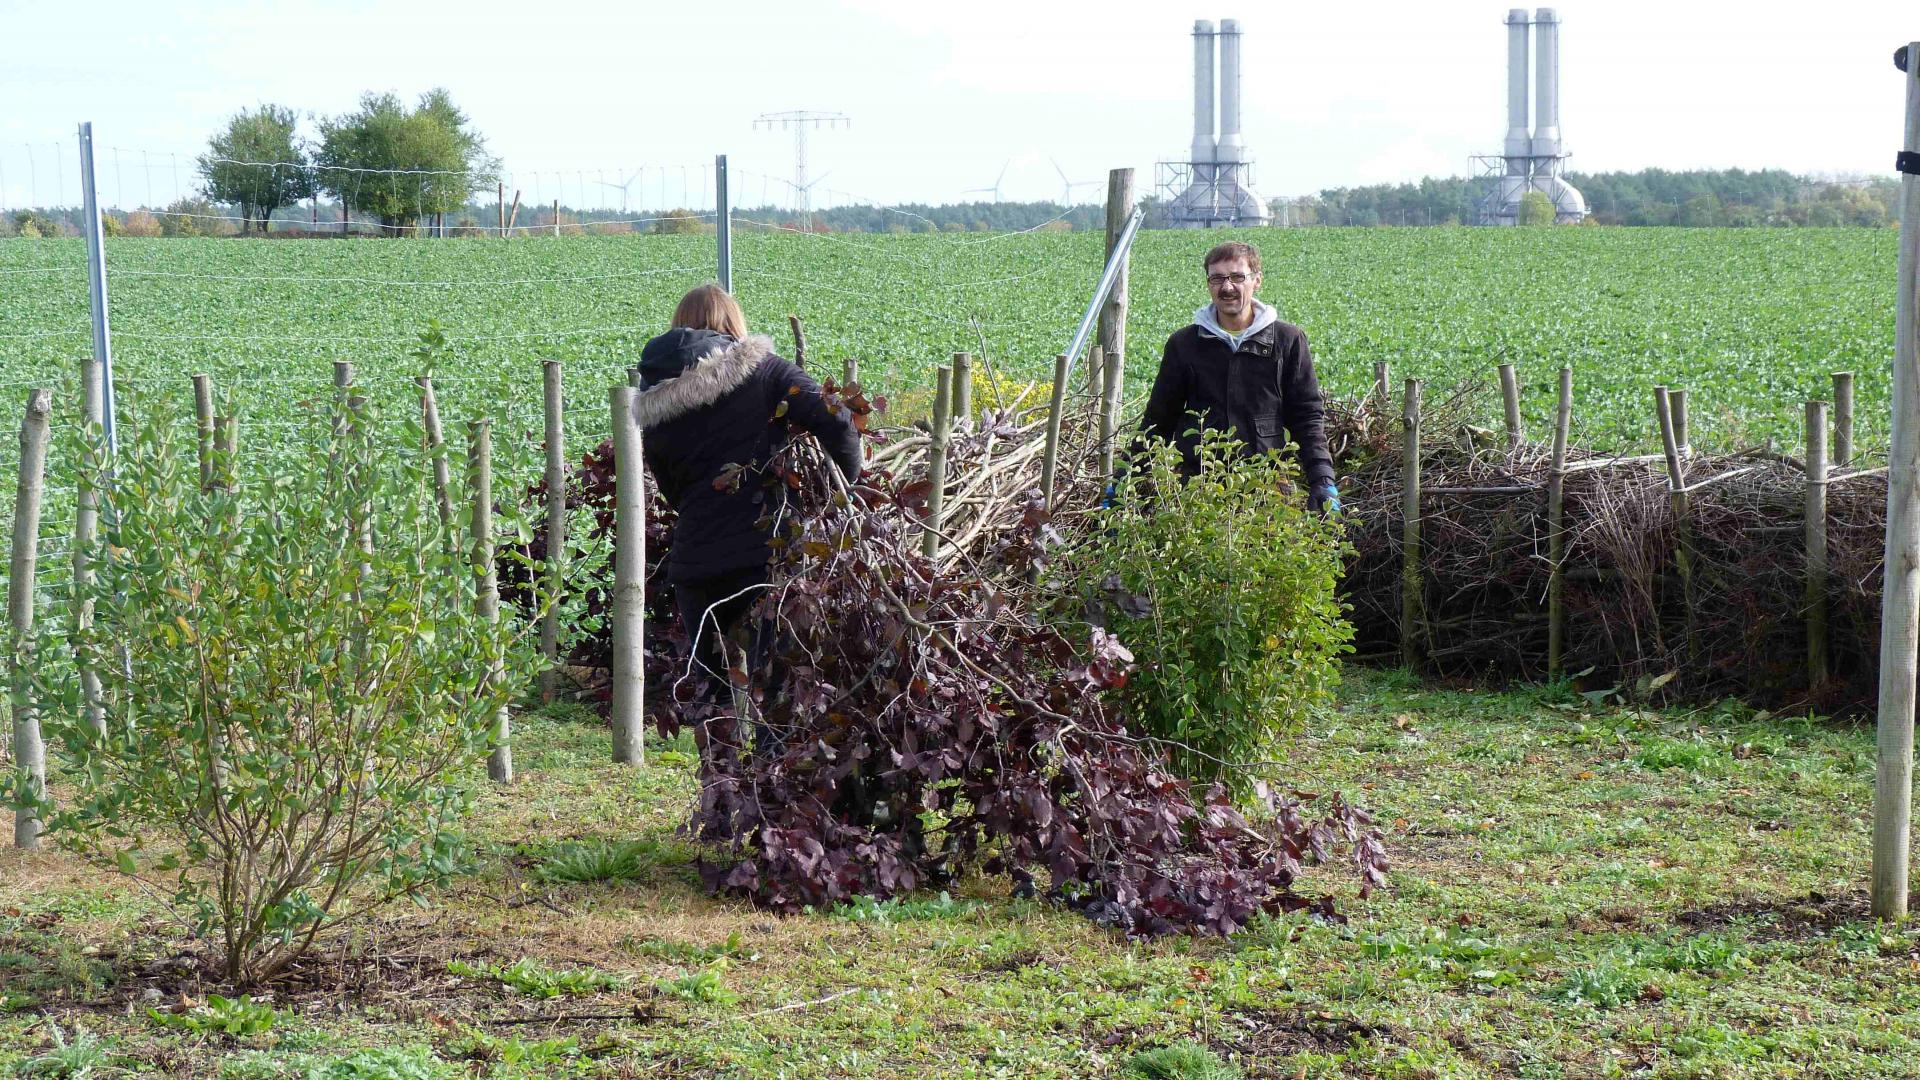 Katharina Wawra (Praktikantin) und Michel Kocerka (Mitarbeiter) beim Einbau von Gehölzschnitt